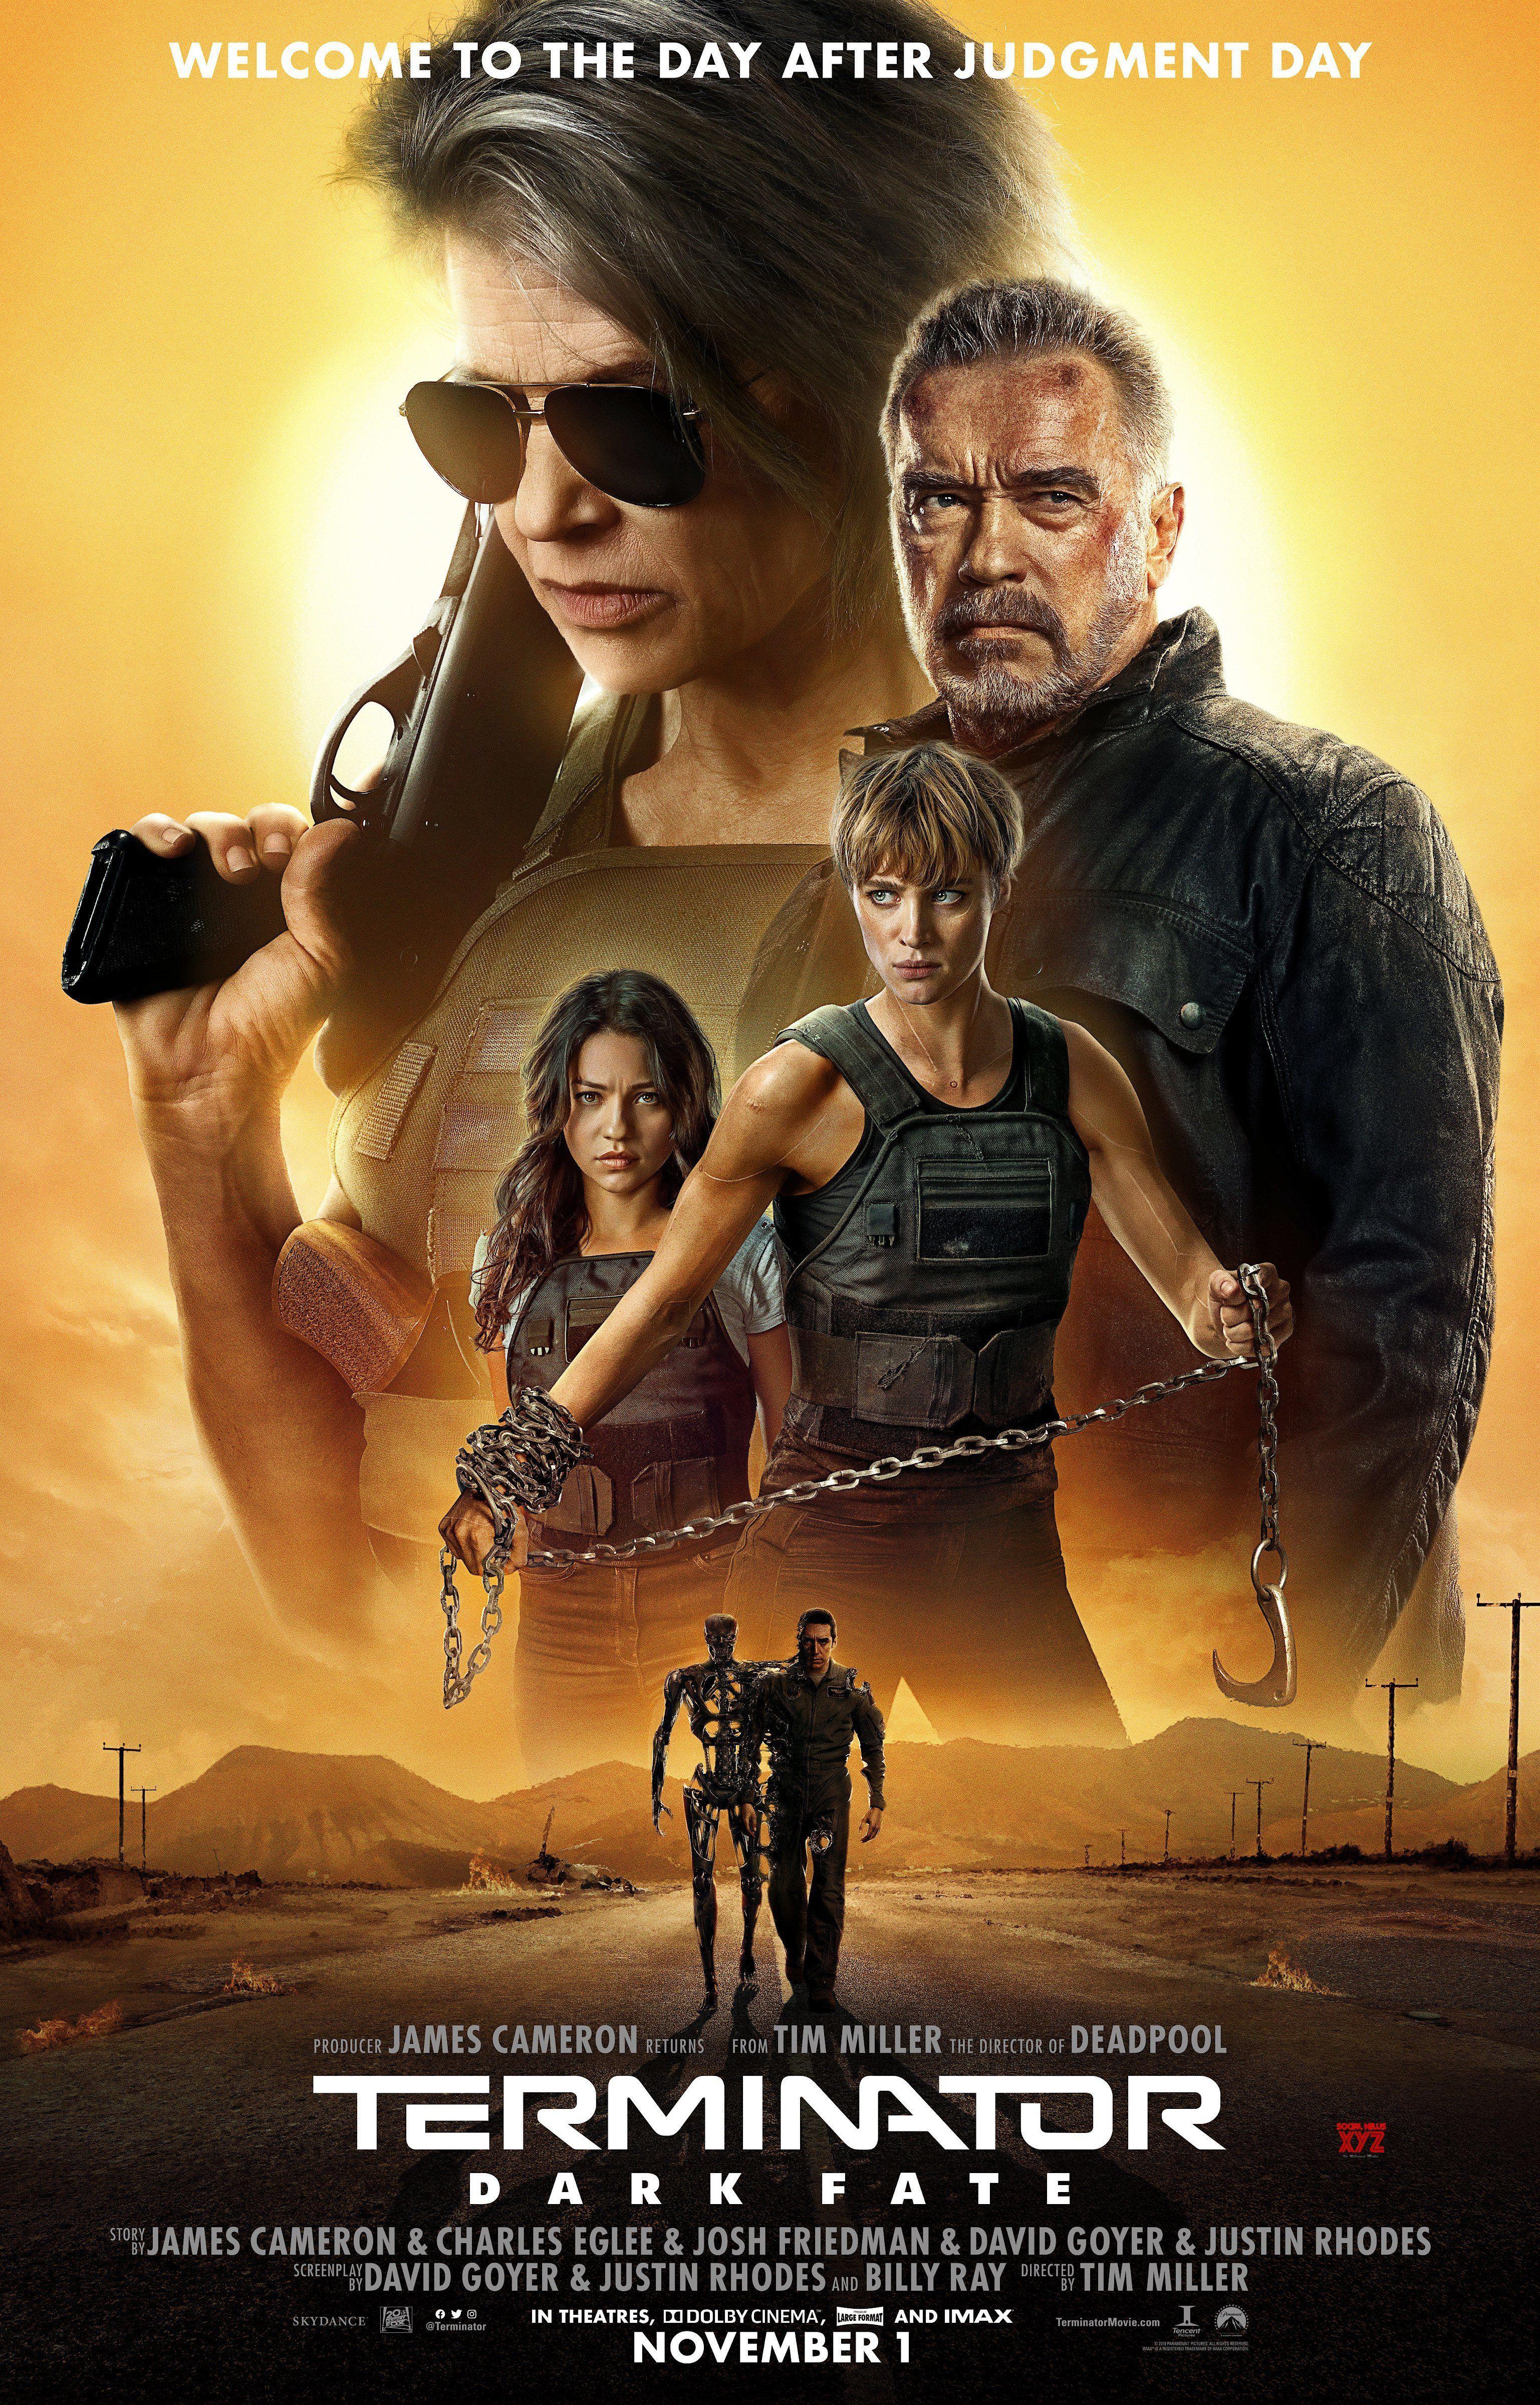 Terminator Dark Fate Movie Hd Poster Social News Xyz Filmes De Acao Dublado Mega Filmes Online Filmes De Acao